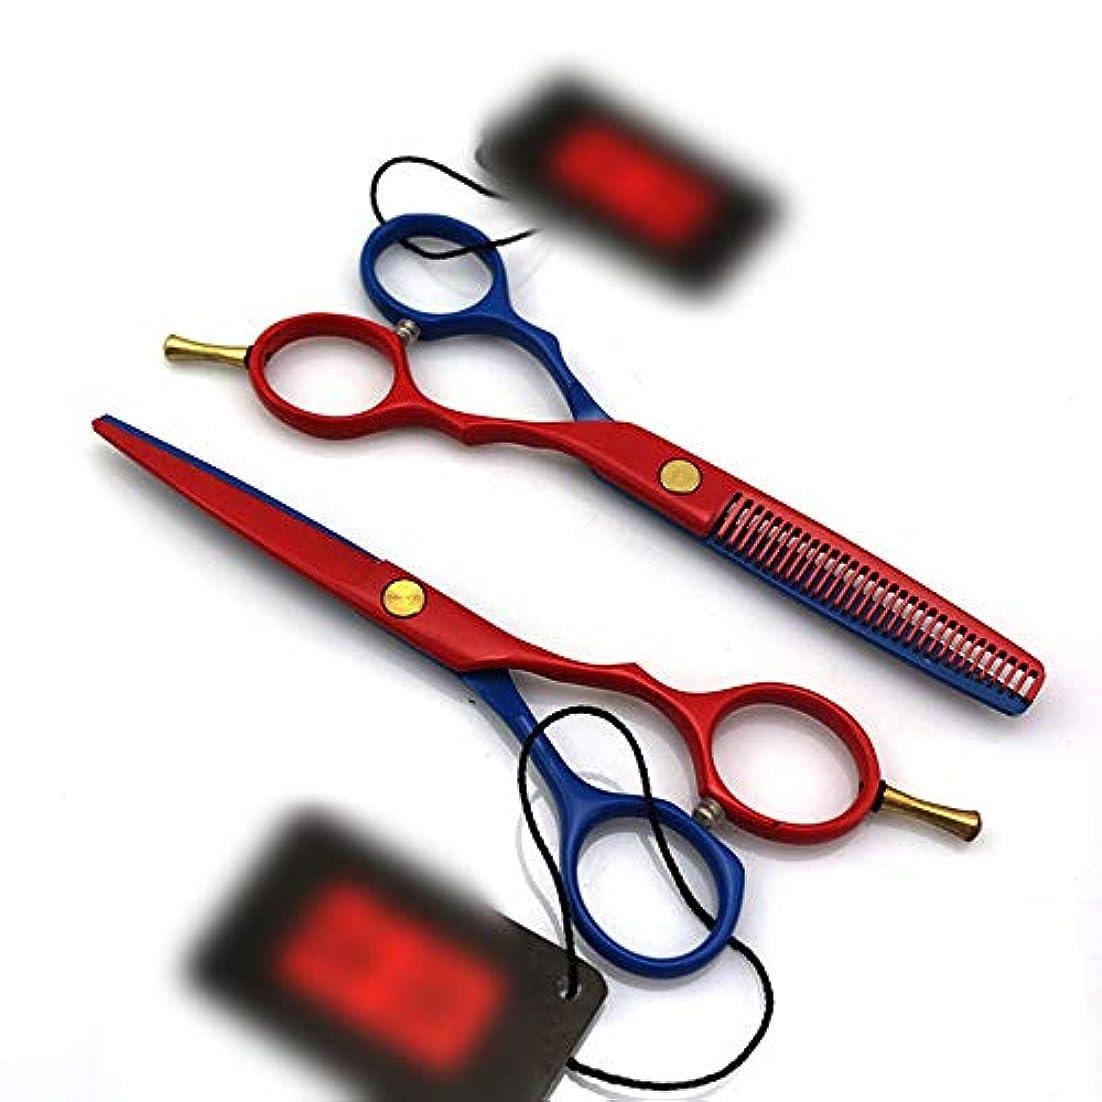 置き場セミナー接続されたカラーペイントシリーズ理髪はさみ、5.5インチフラット+歯はさみセット ヘアケア (色 : Red and blue)